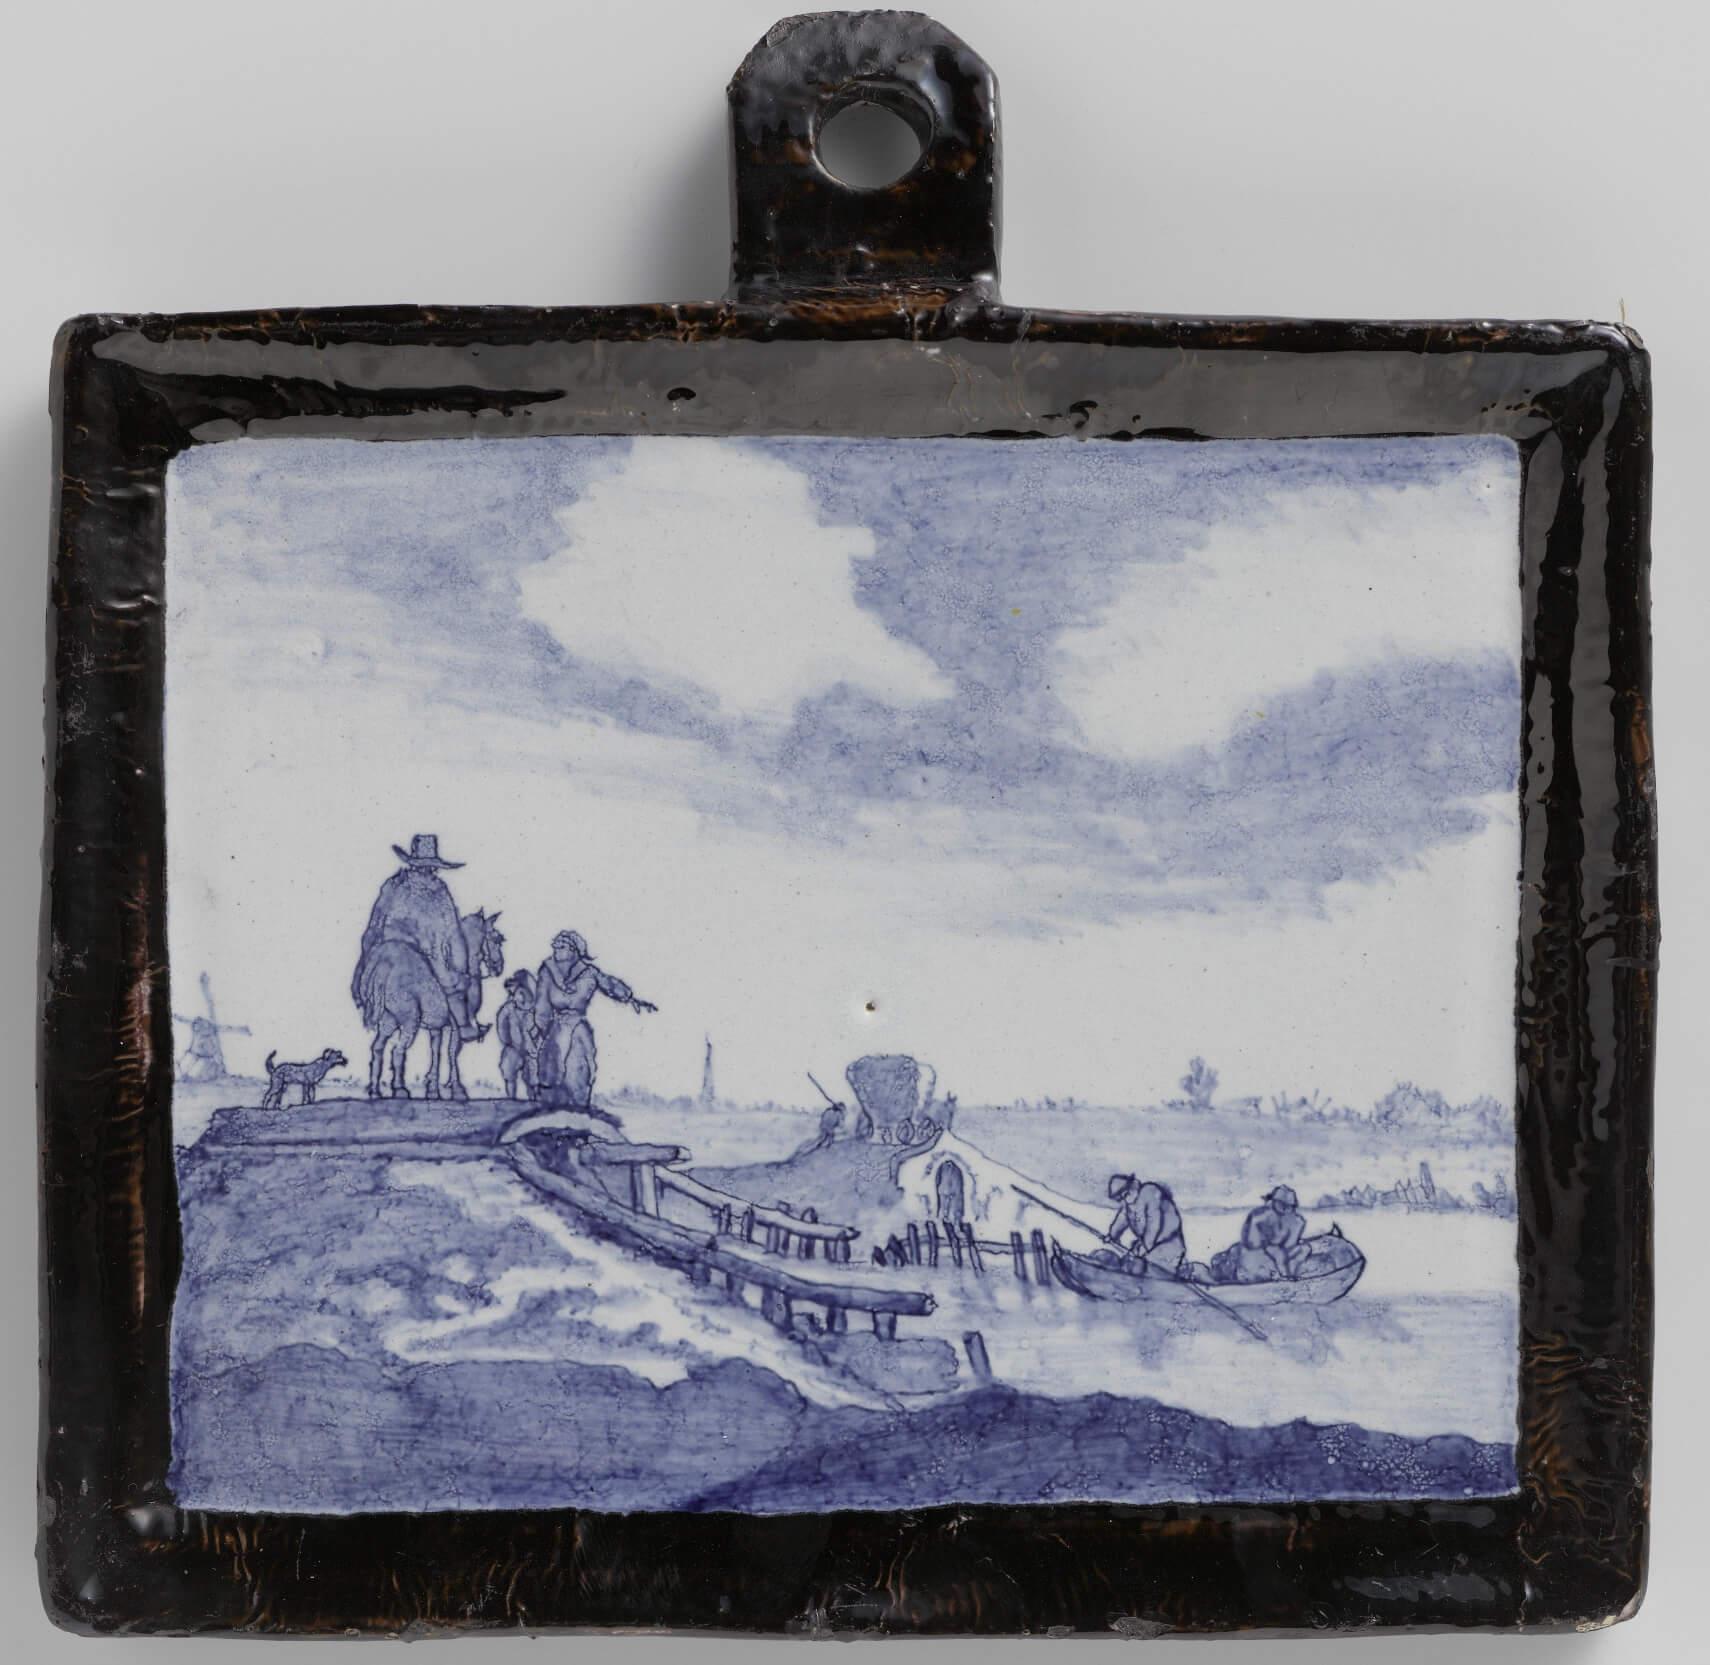 BK-KOG-2570 - Plaque, Delft circa 1770-1775. Rijksmuseum, Amsterdam